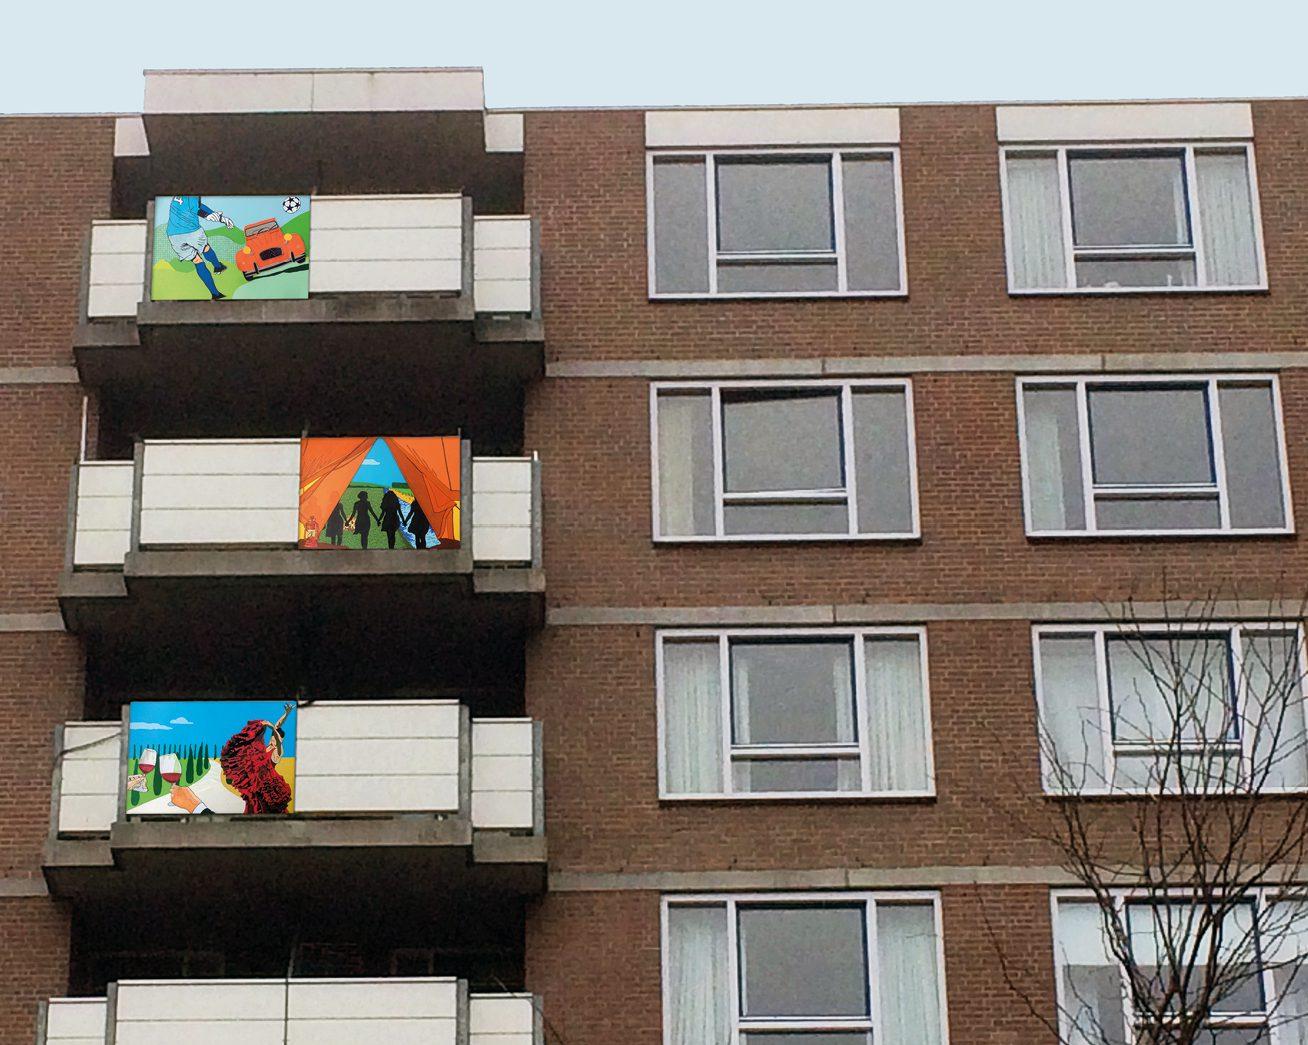 Balkonverhalen geeft identiteit aan bewoner en gebouw.